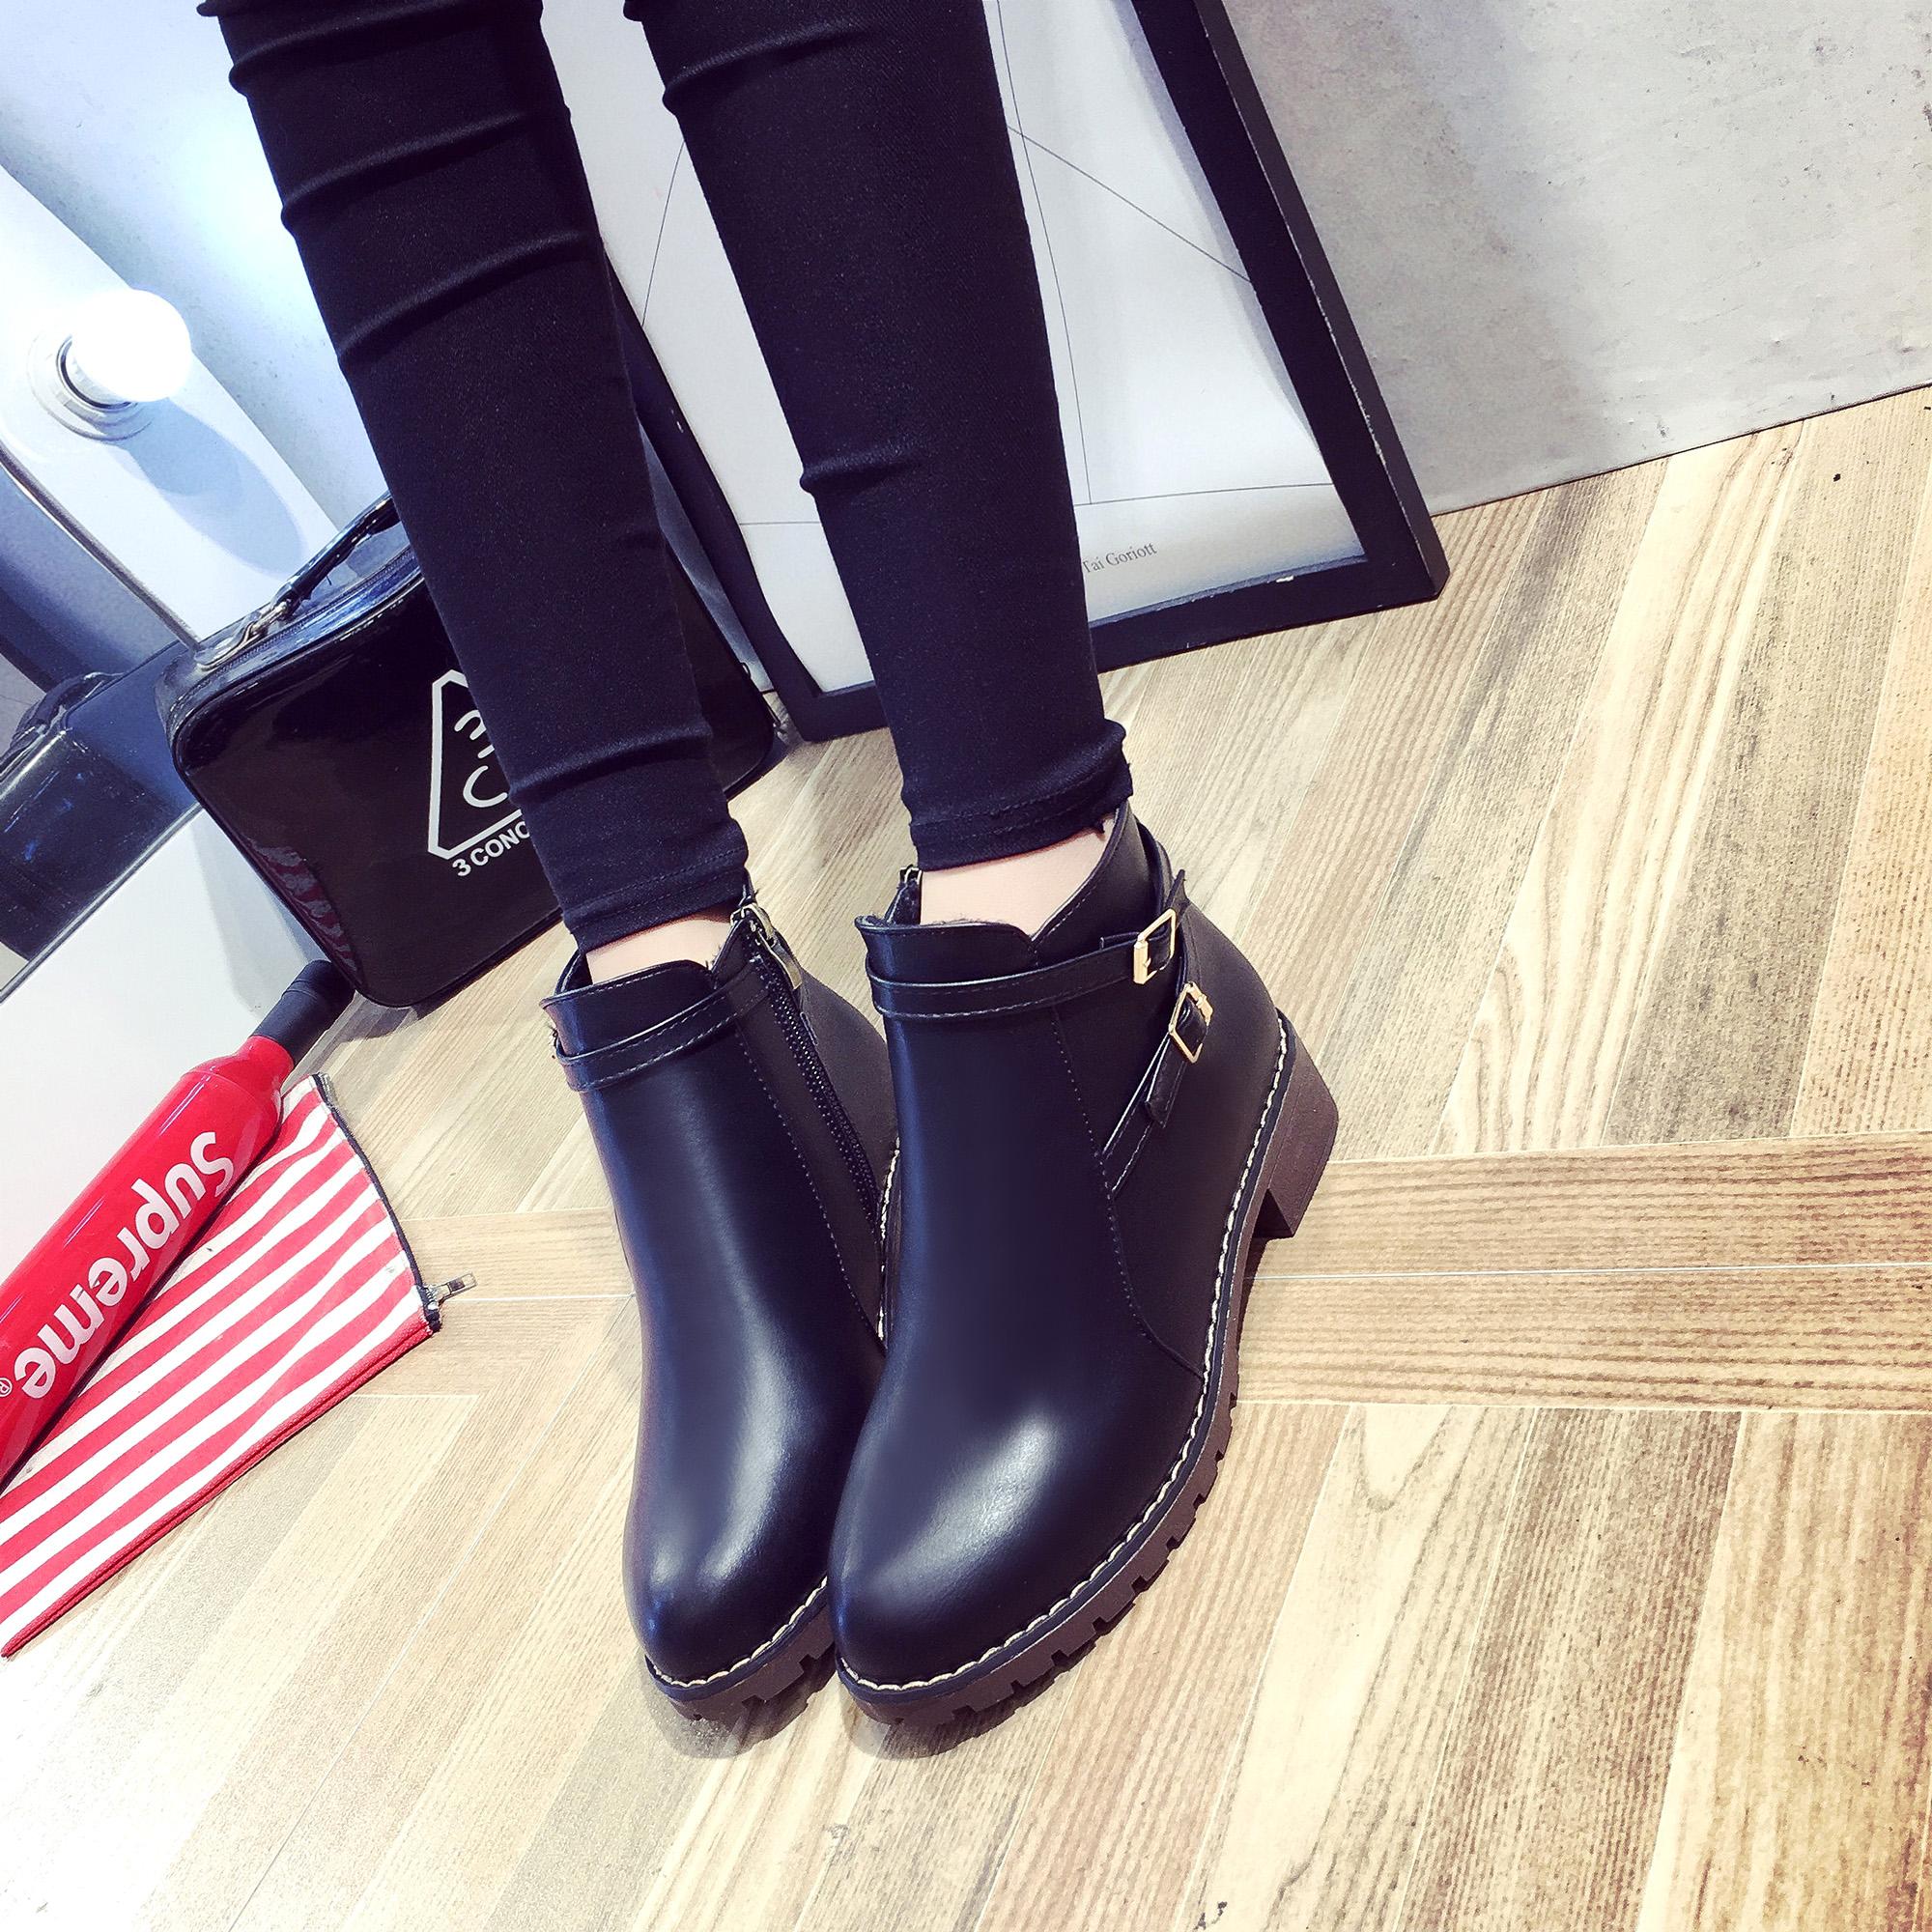 高幫皮鞋女英倫馬丁靴冬季短靴學生韓版靴子女百搭加絨平底新款潮